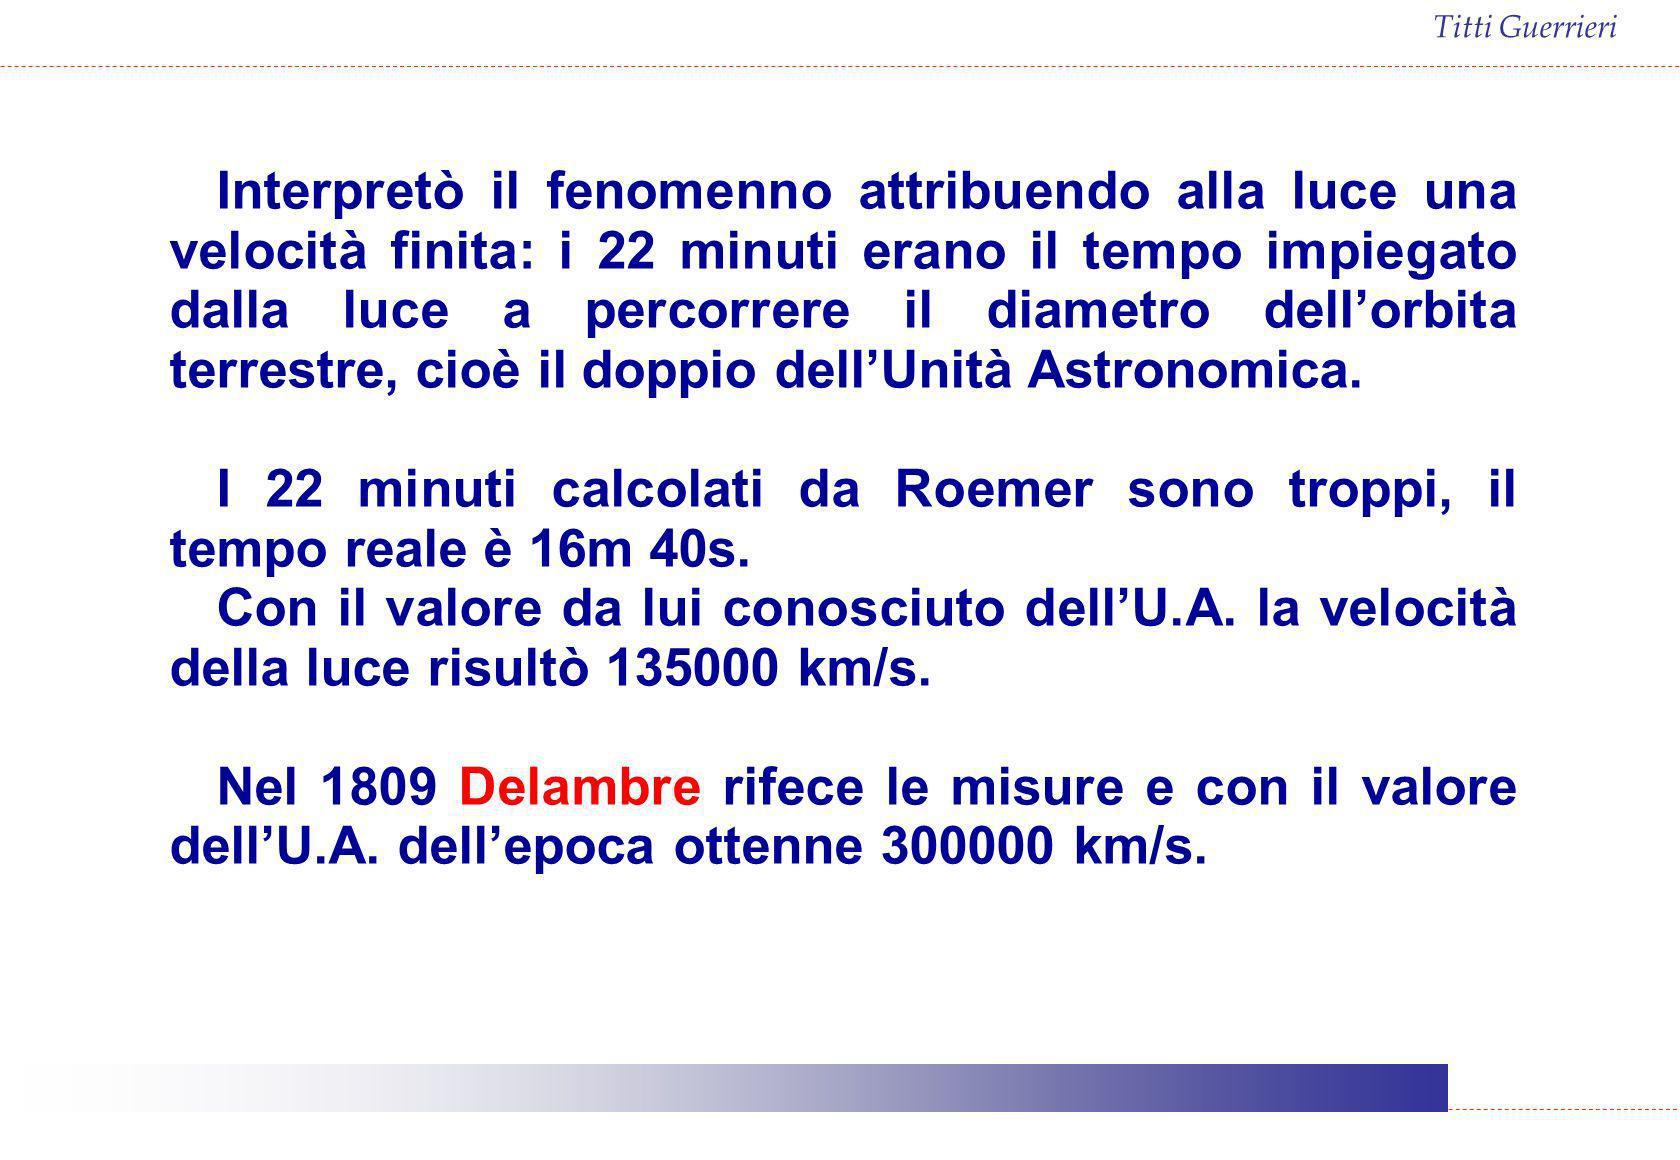 Titti Guerrieri Interpretò il fenomenno attribuendo alla luce una velocità finita: i 22 minuti erano il tempo impiegato dalla luce a percorrere il dia